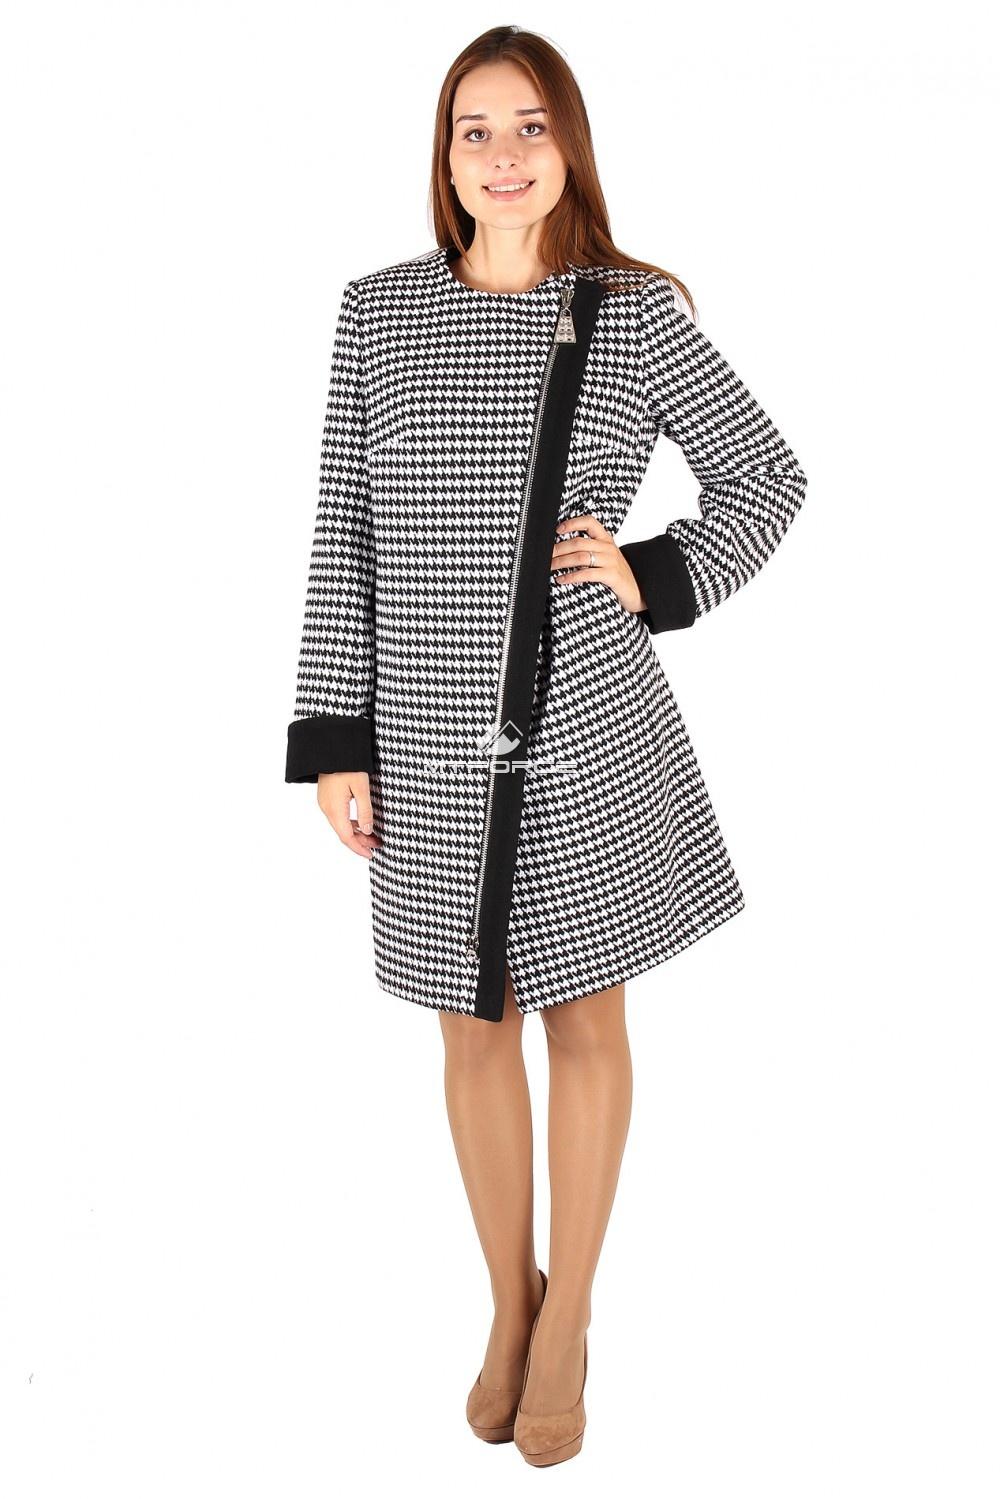 Купить оптом Пальто женское черно-белого цвета 394ChBl в Санкт-Петербурге